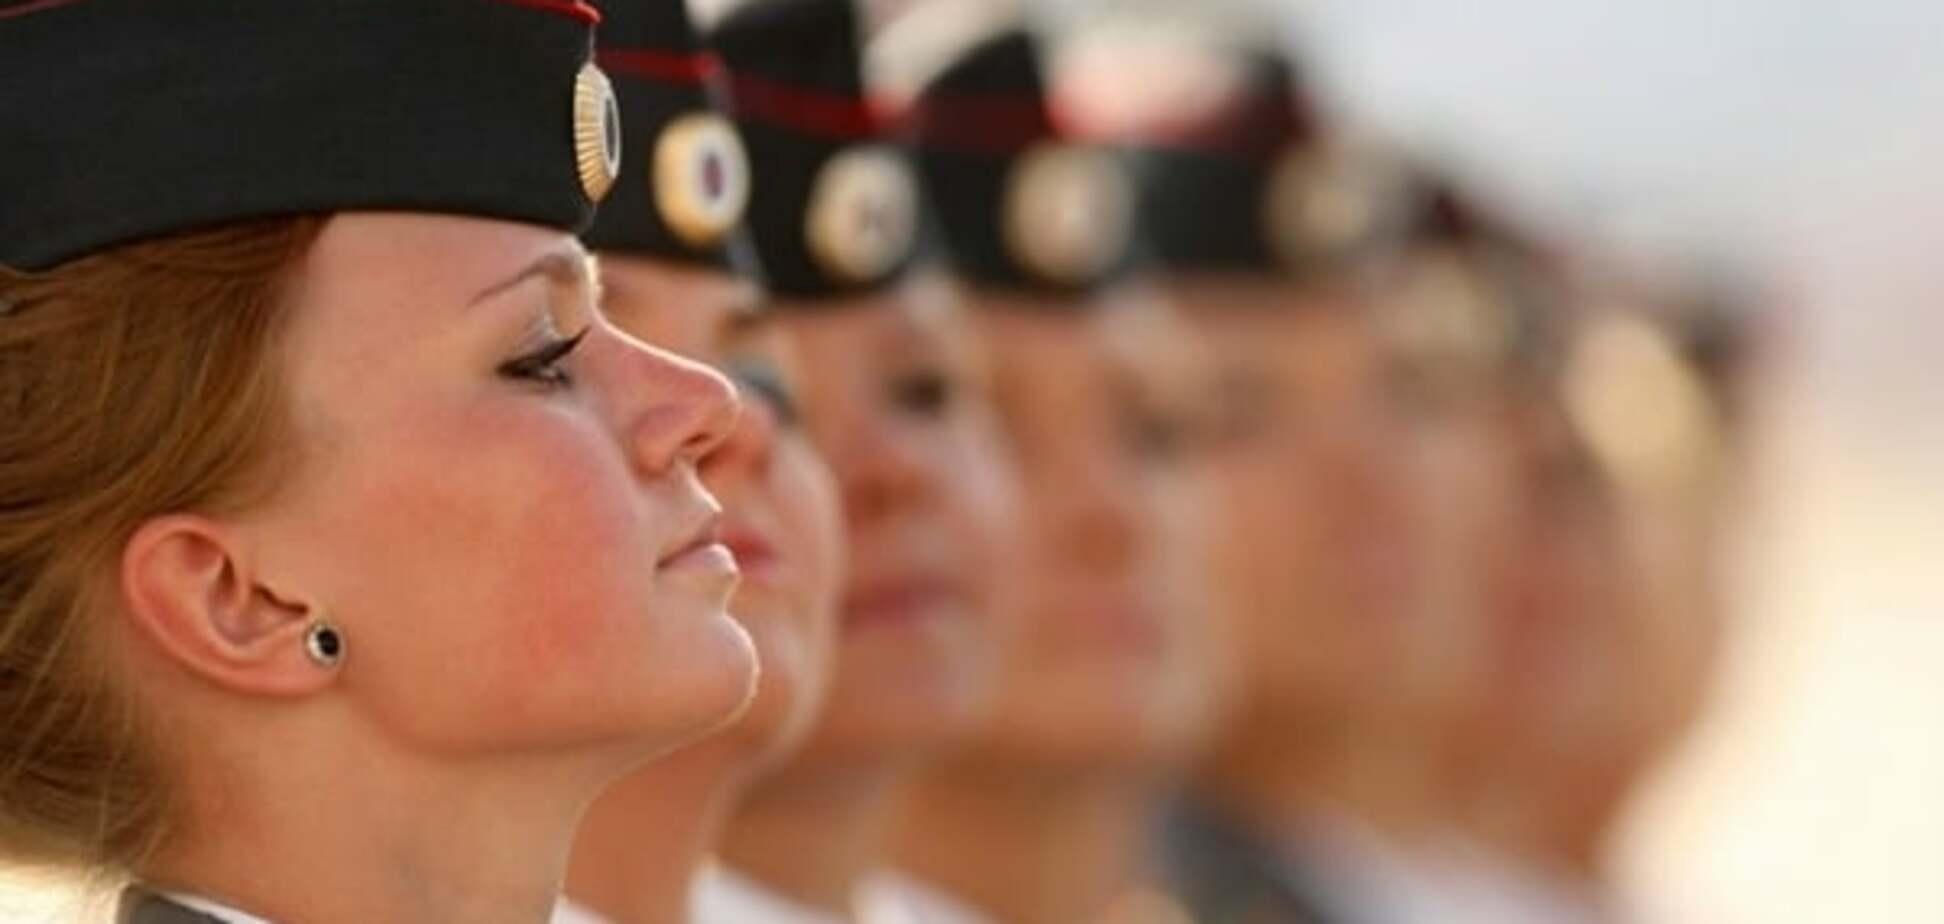 Захід шокувала армія в міні-спідницях російського 'мачо-лідера' Путіна